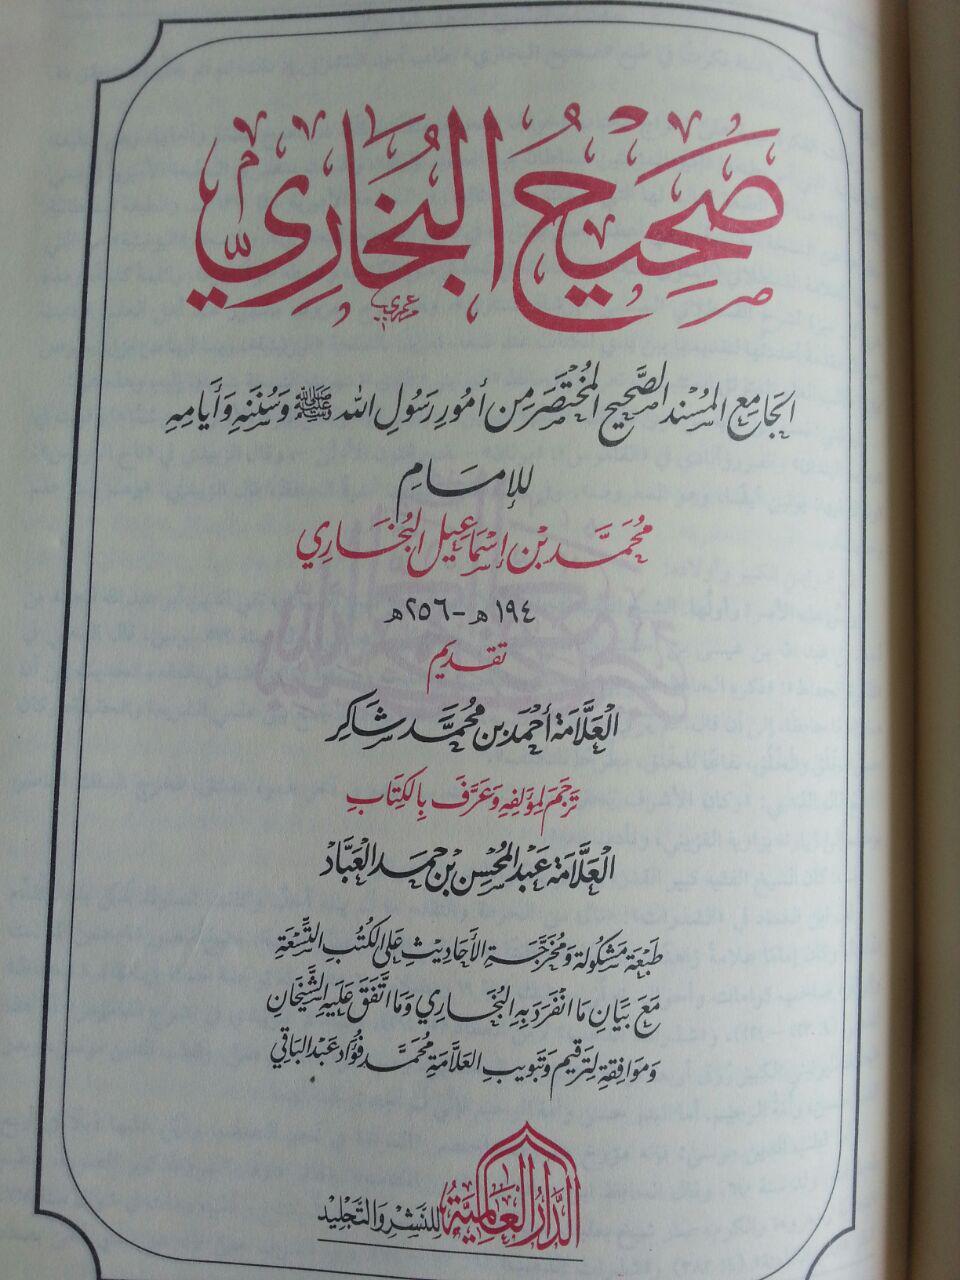 Kitab Shahih Al-Bukhari isi